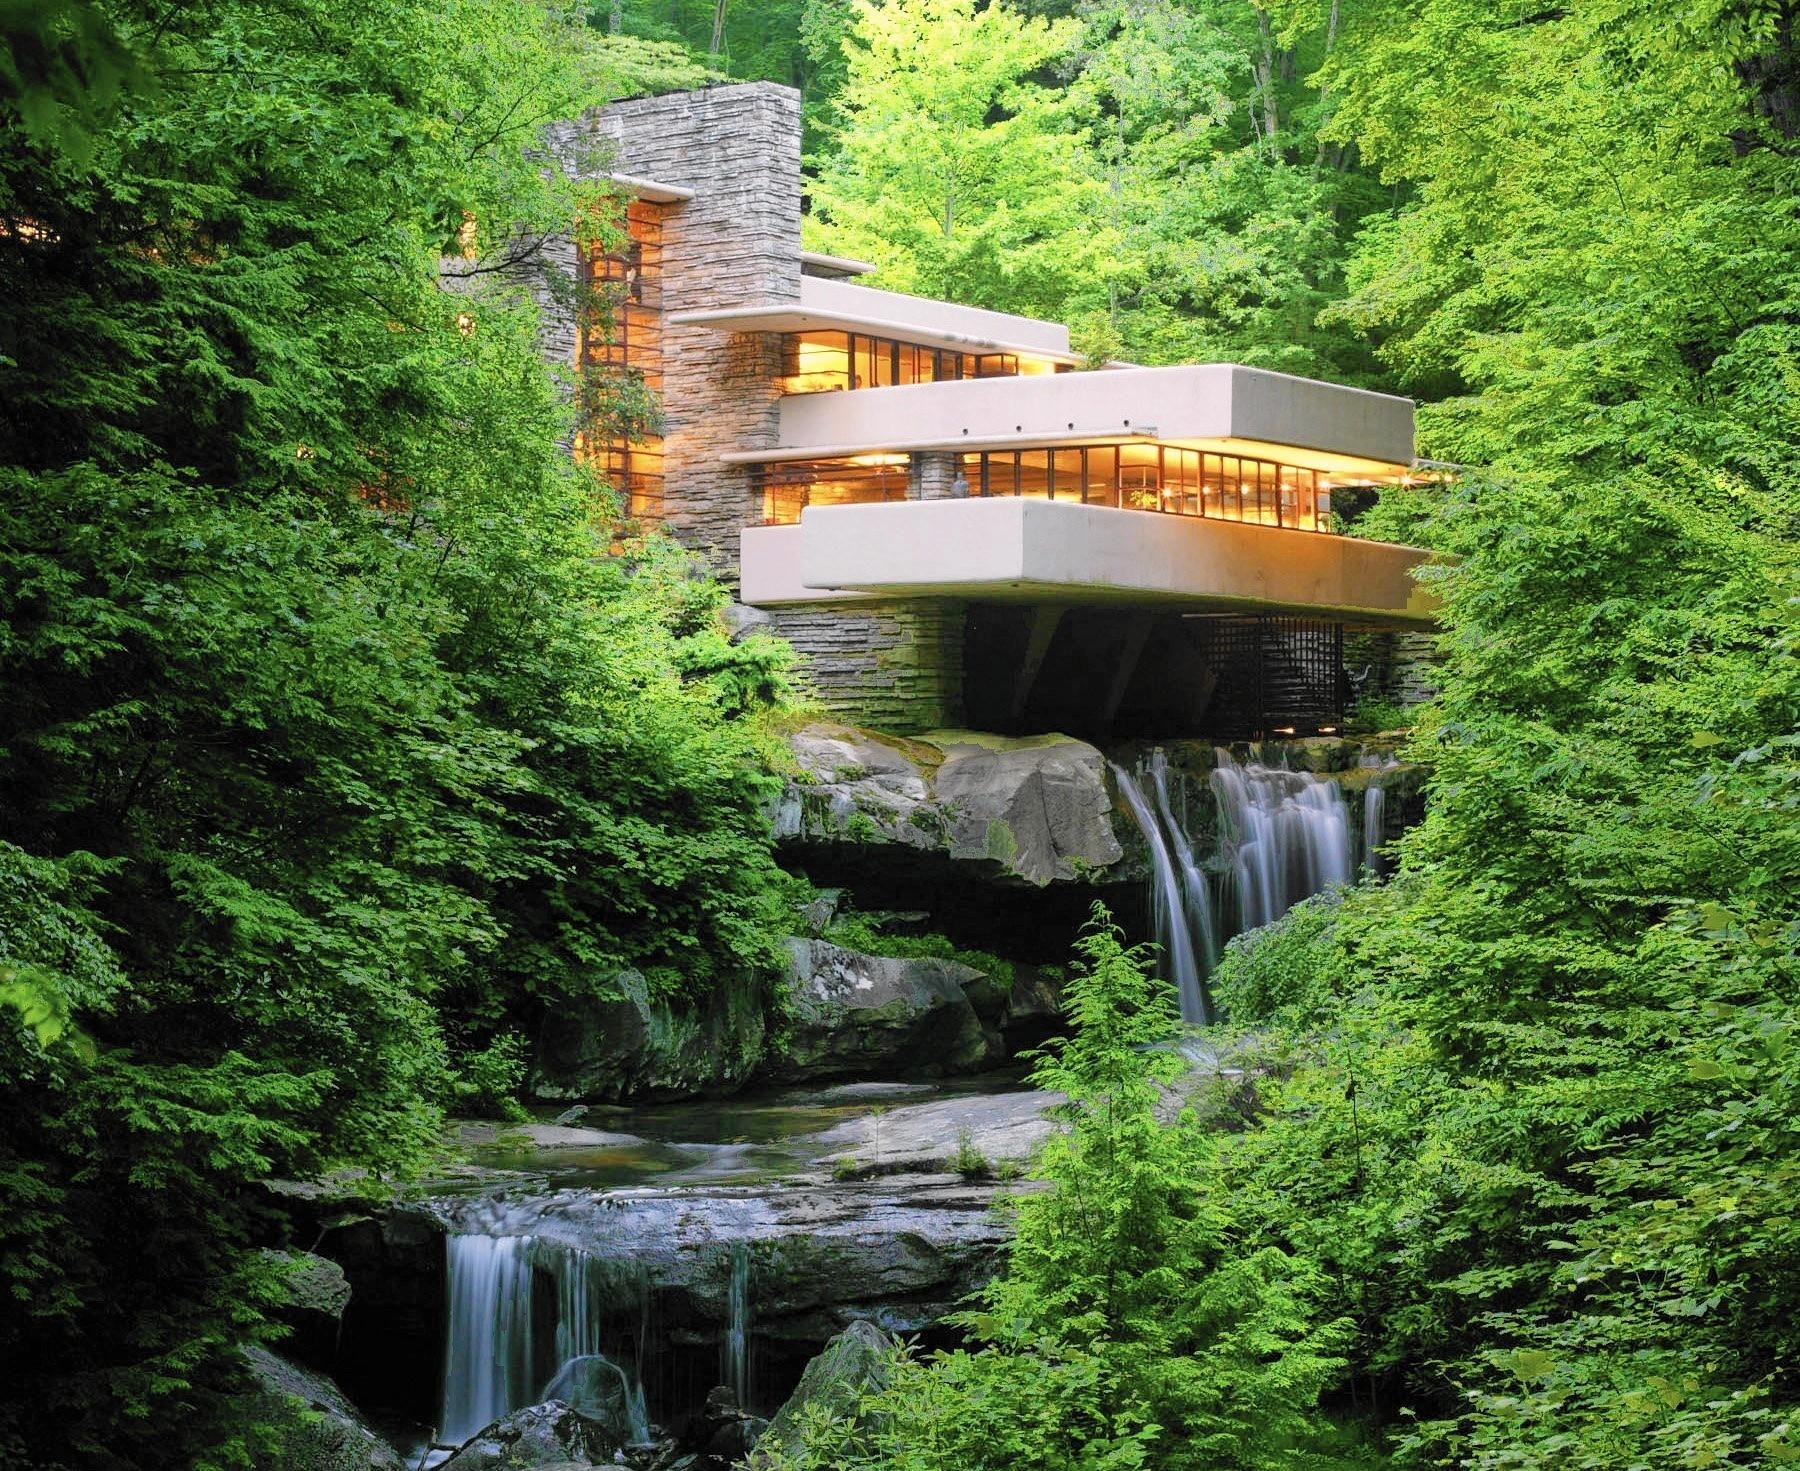 Casa sulla cascata architetto frank lloyd wright blog for Frank lloyd wright piani casa della prateria